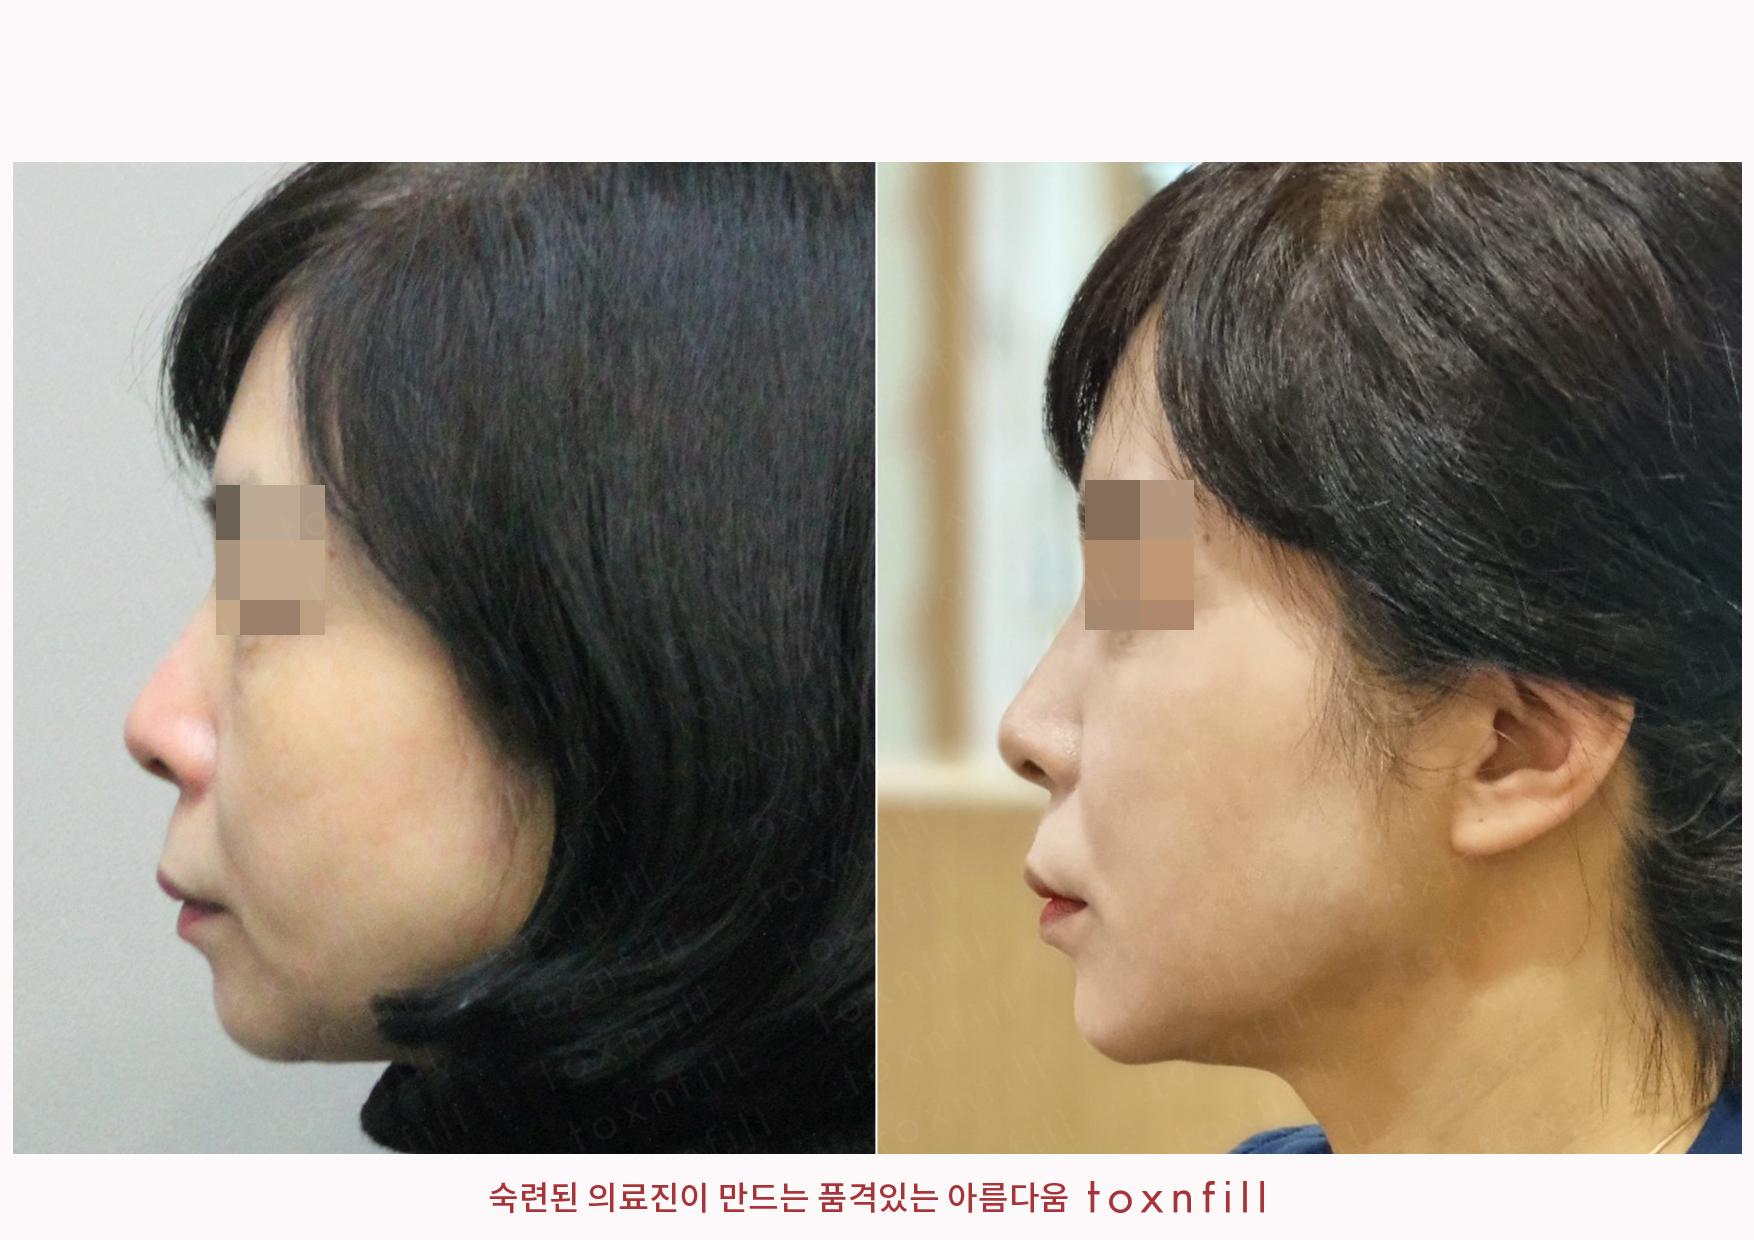 얼굴전체보톡스+볼라이트+턱끝,턱라인필러 시술전후